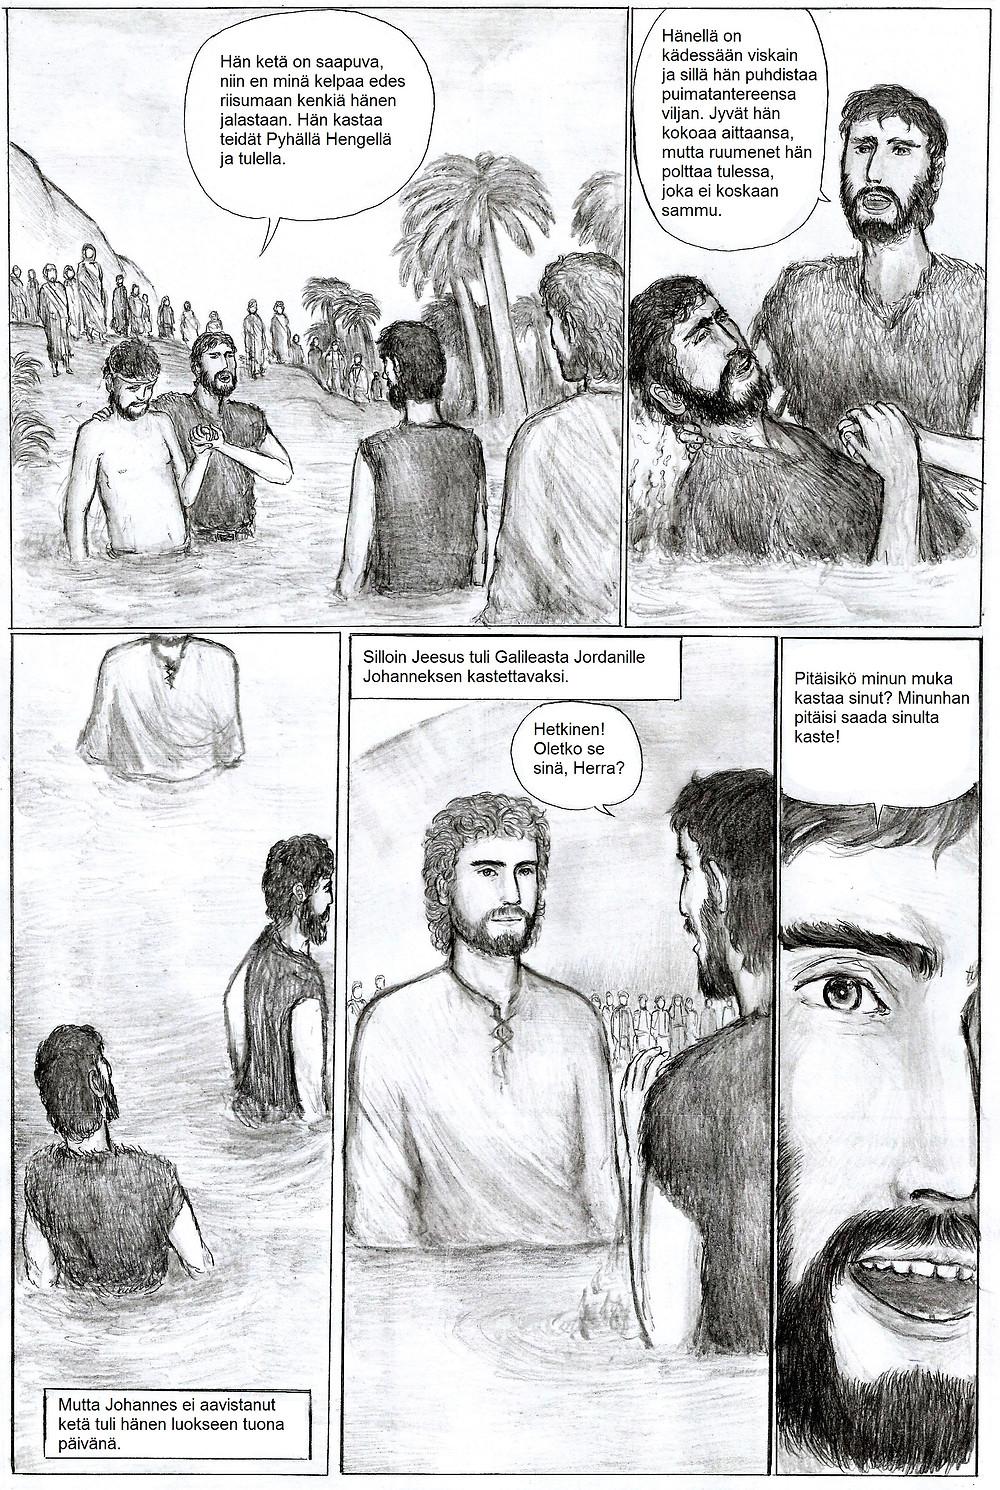 Johannes julistaa, ettei kelpaisi riisumaan Jeesukselta, messiaalta edes kenkiä jalasta. Johanneksen yllätykseksi Jeesus tulee kasteelle.